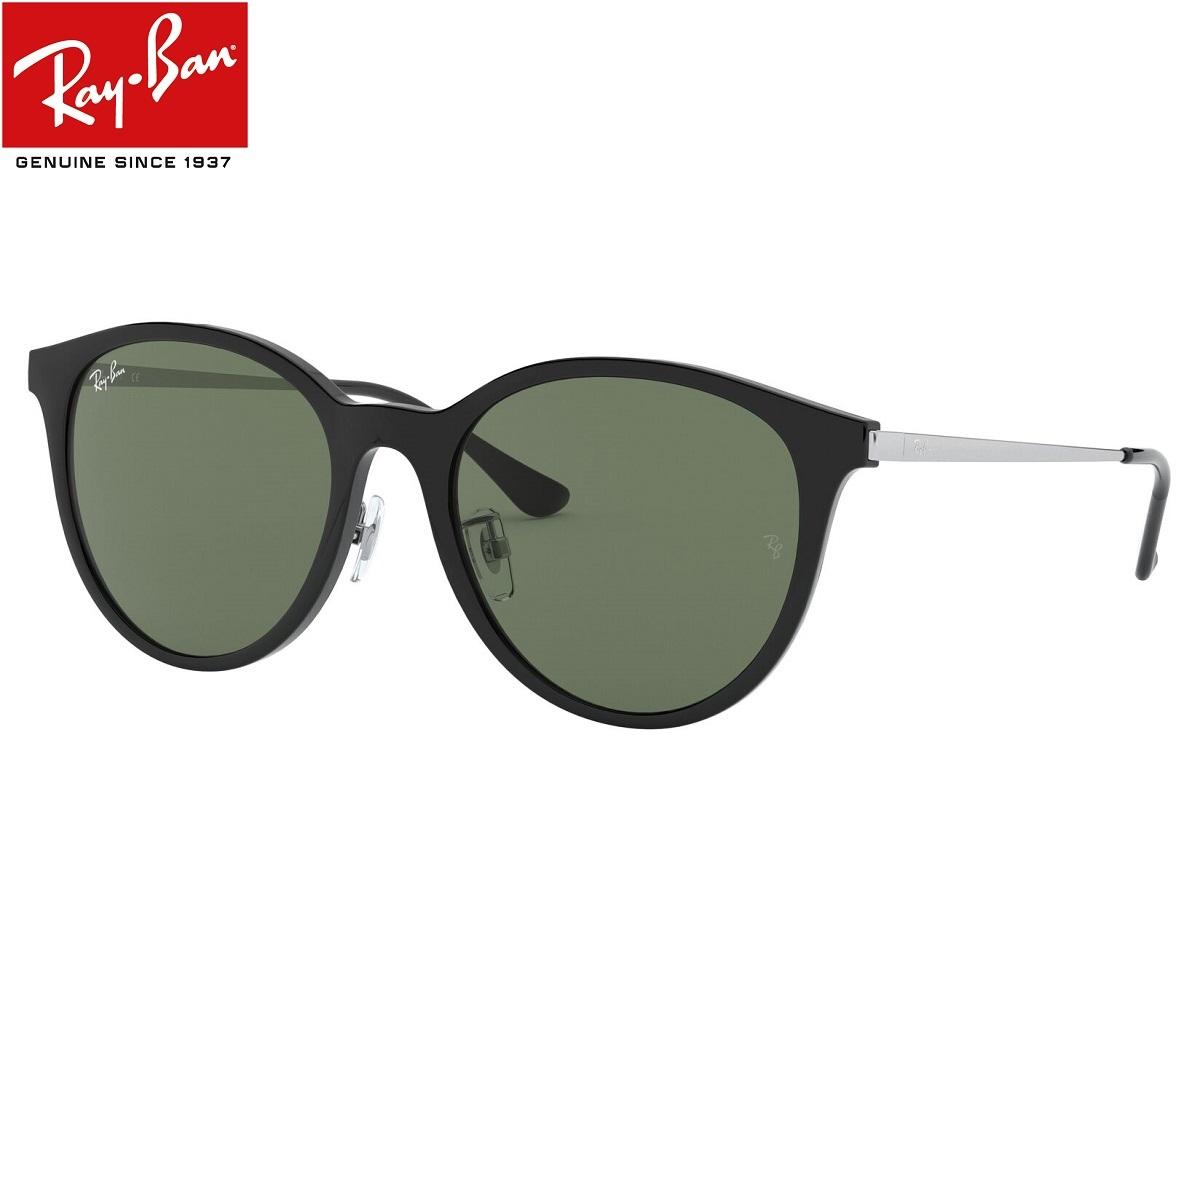 レイバン サングラス Ray-Ban RB4334D 629271(55サイズ) メーカー保証書付